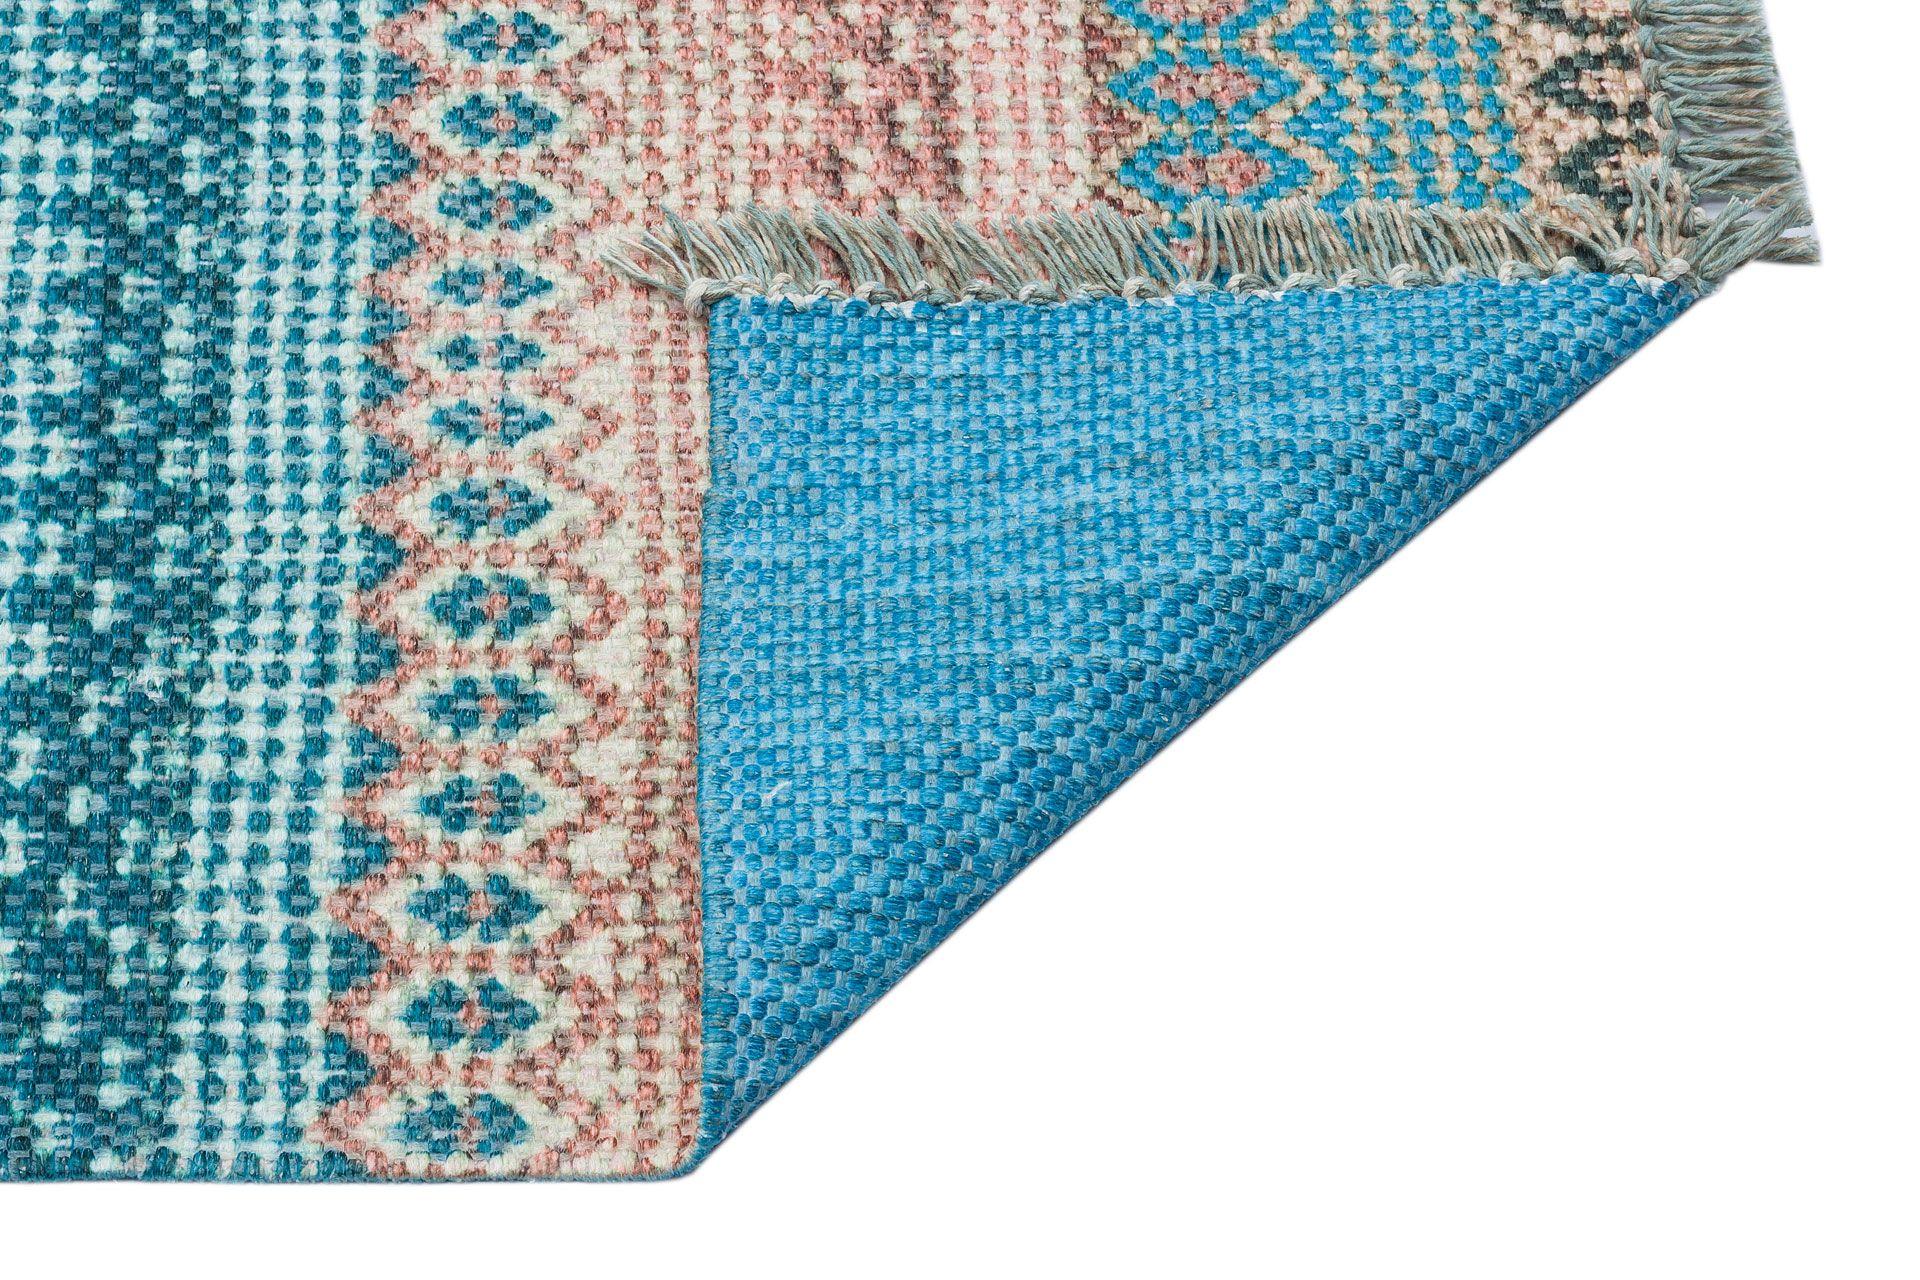 MARİNE MR 04 BLUE ÇİFT TARAFLI BASKI KİLİM 80x300